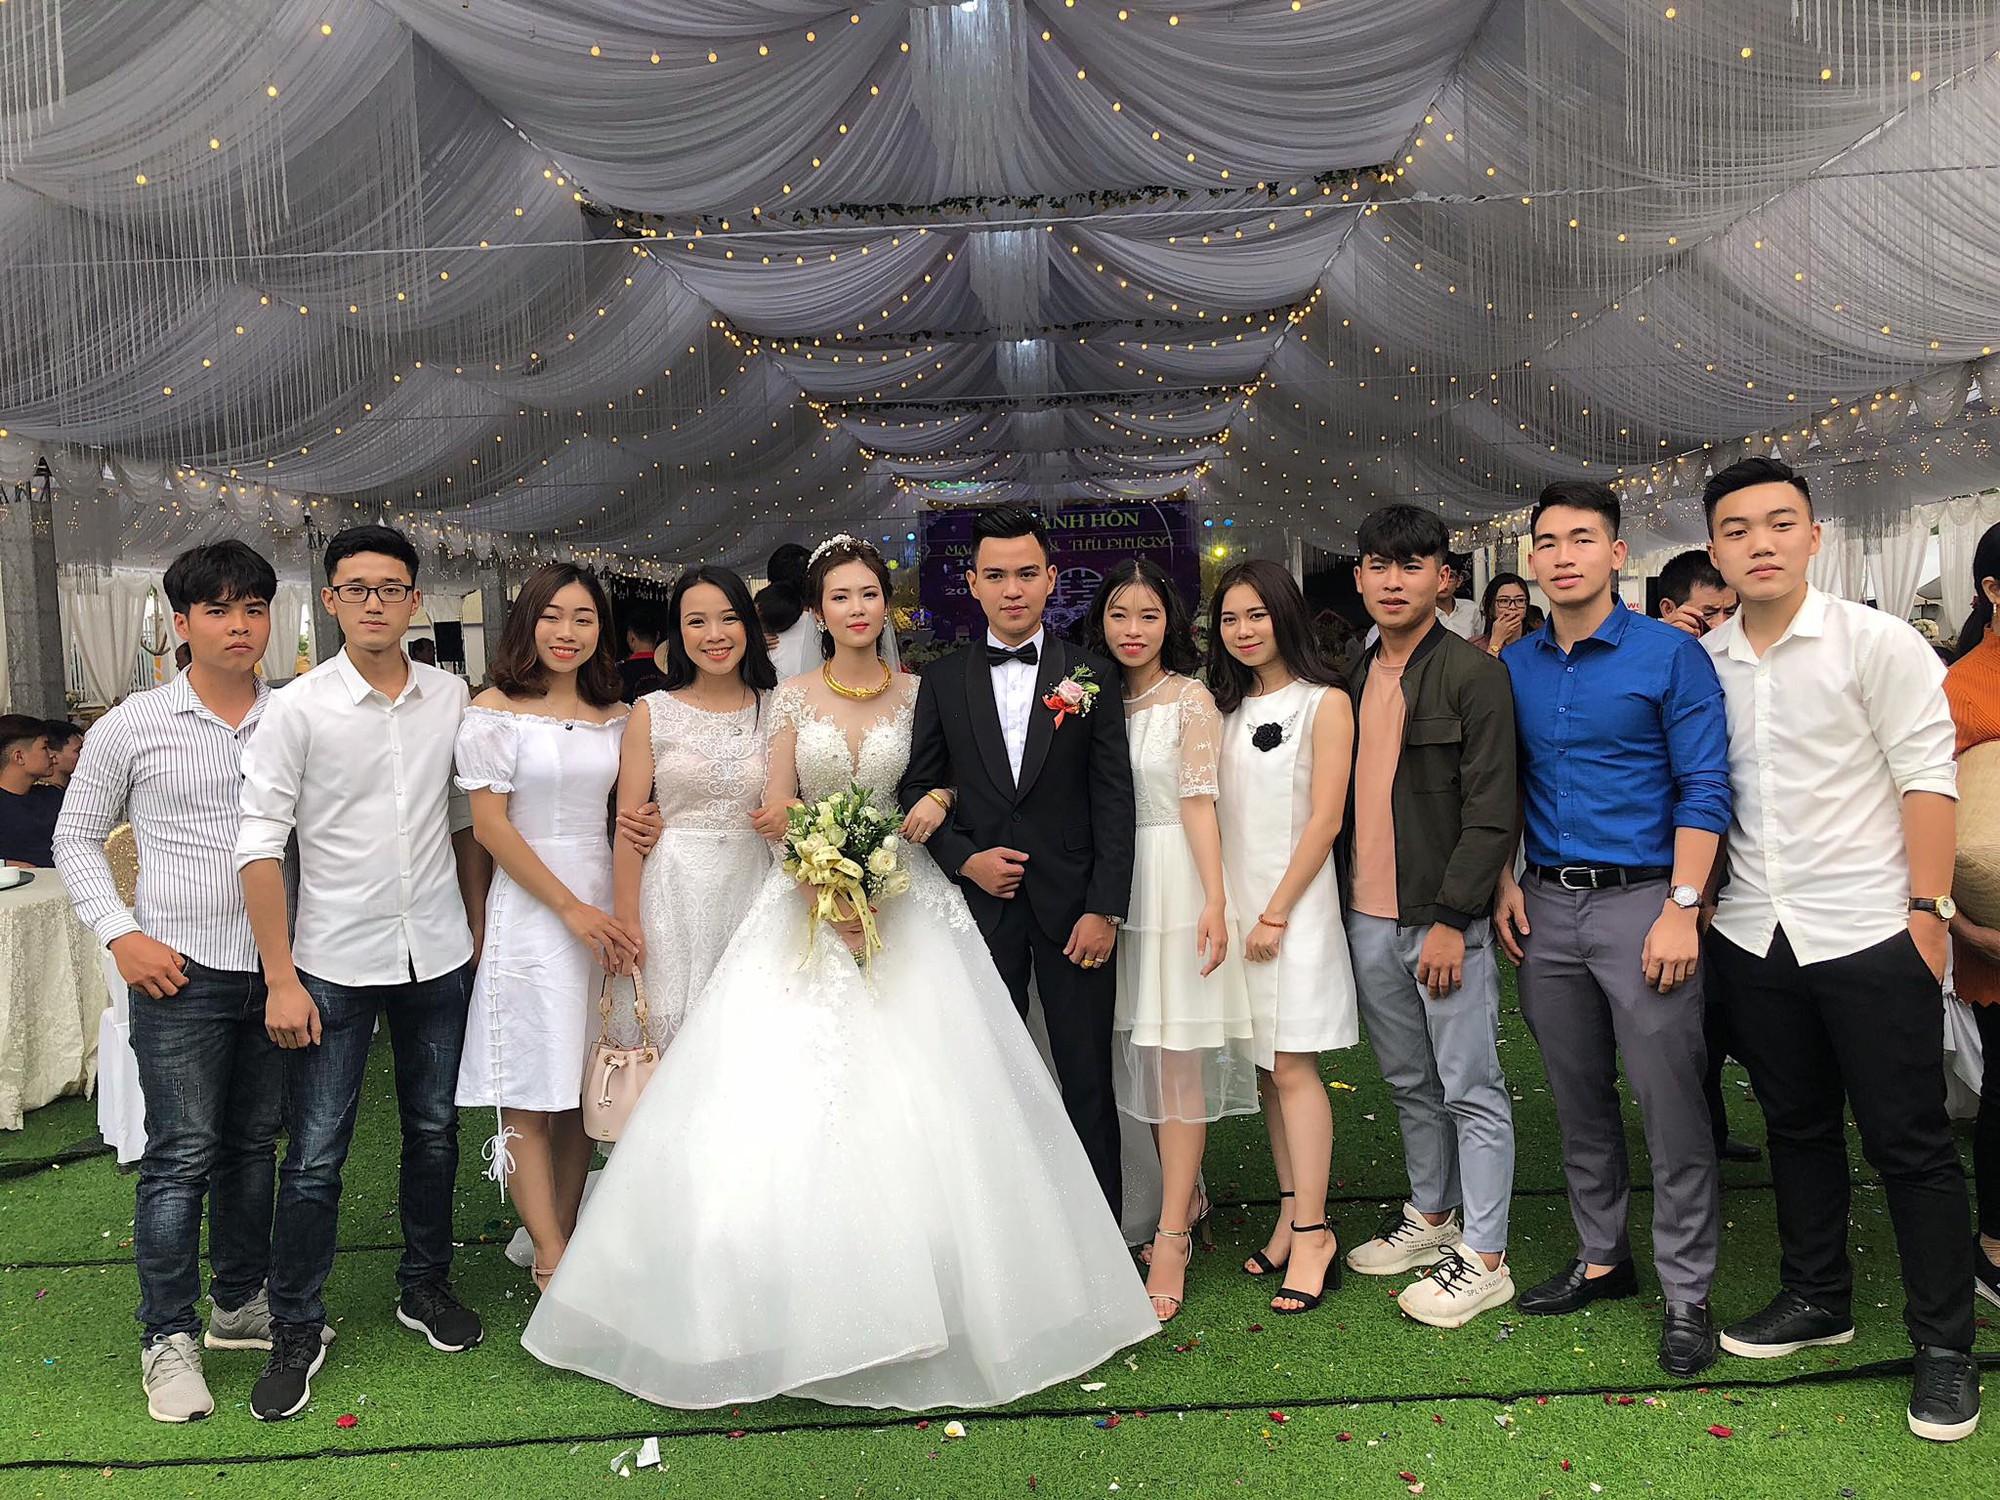 Chọn ekip cung cấp dịch vụ cưới hỏi quận Bình Tân